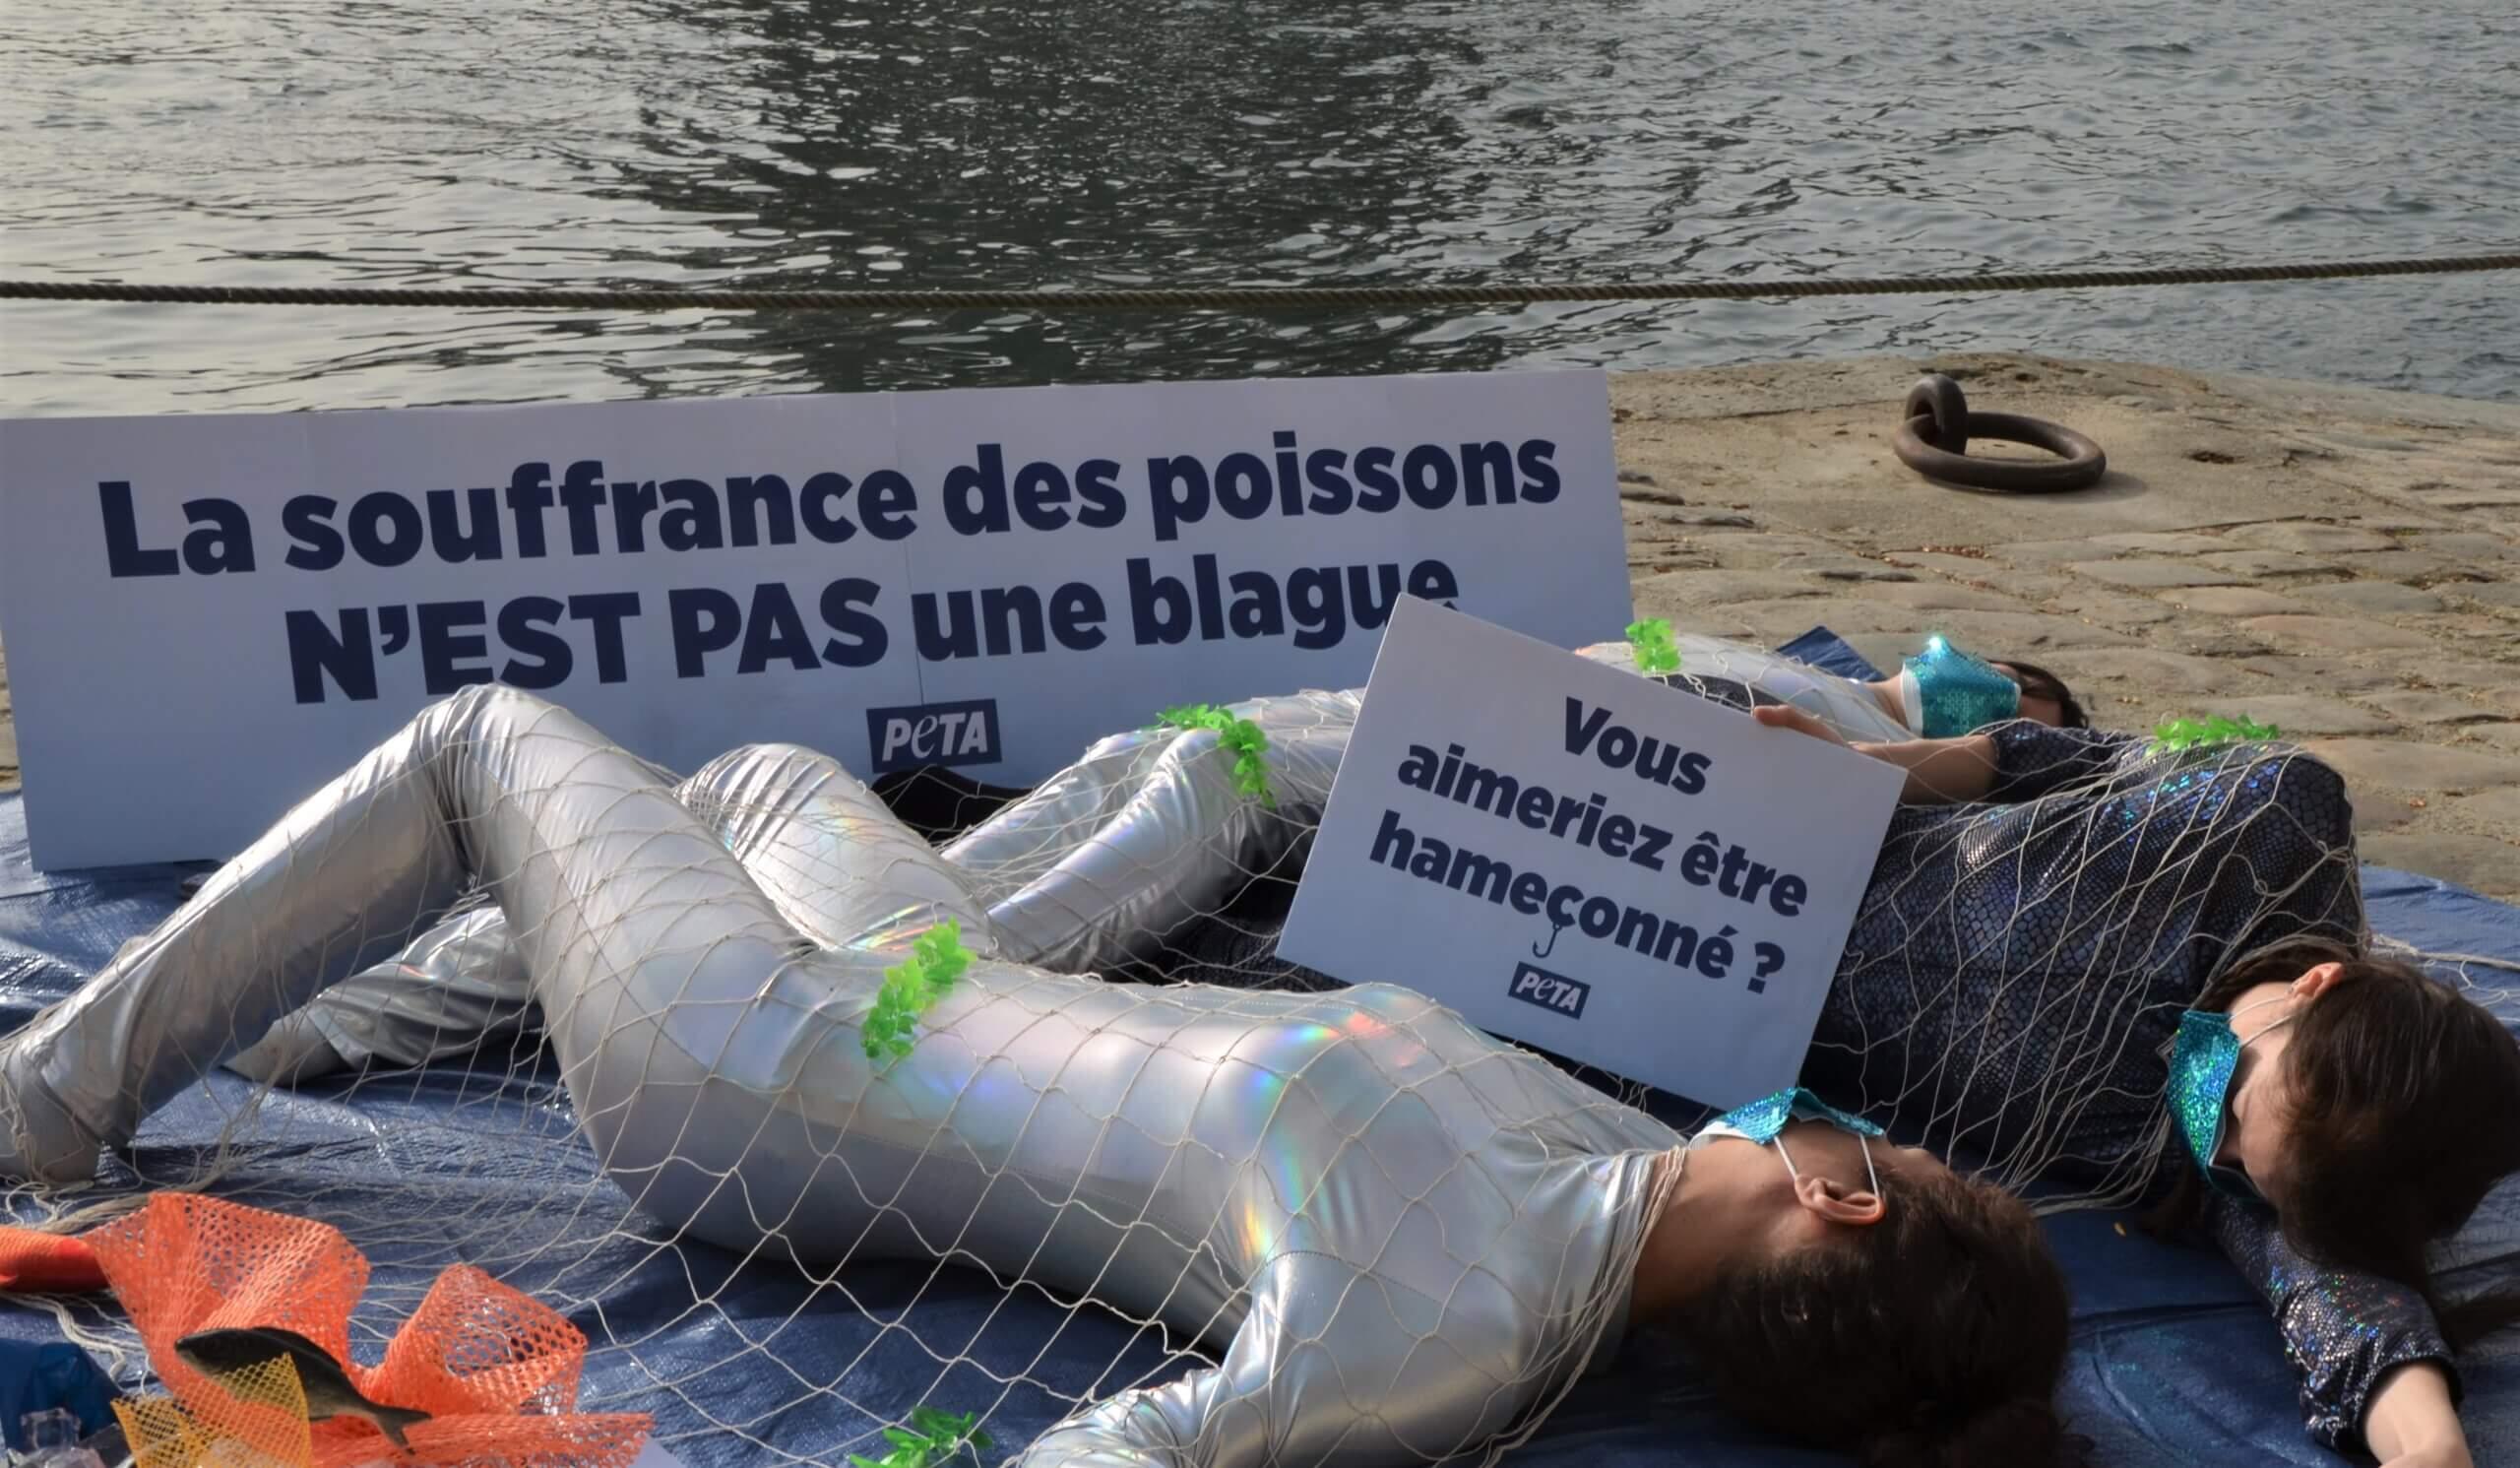 « La souffrance des poissons n'est pas une blague » rappelle PETA